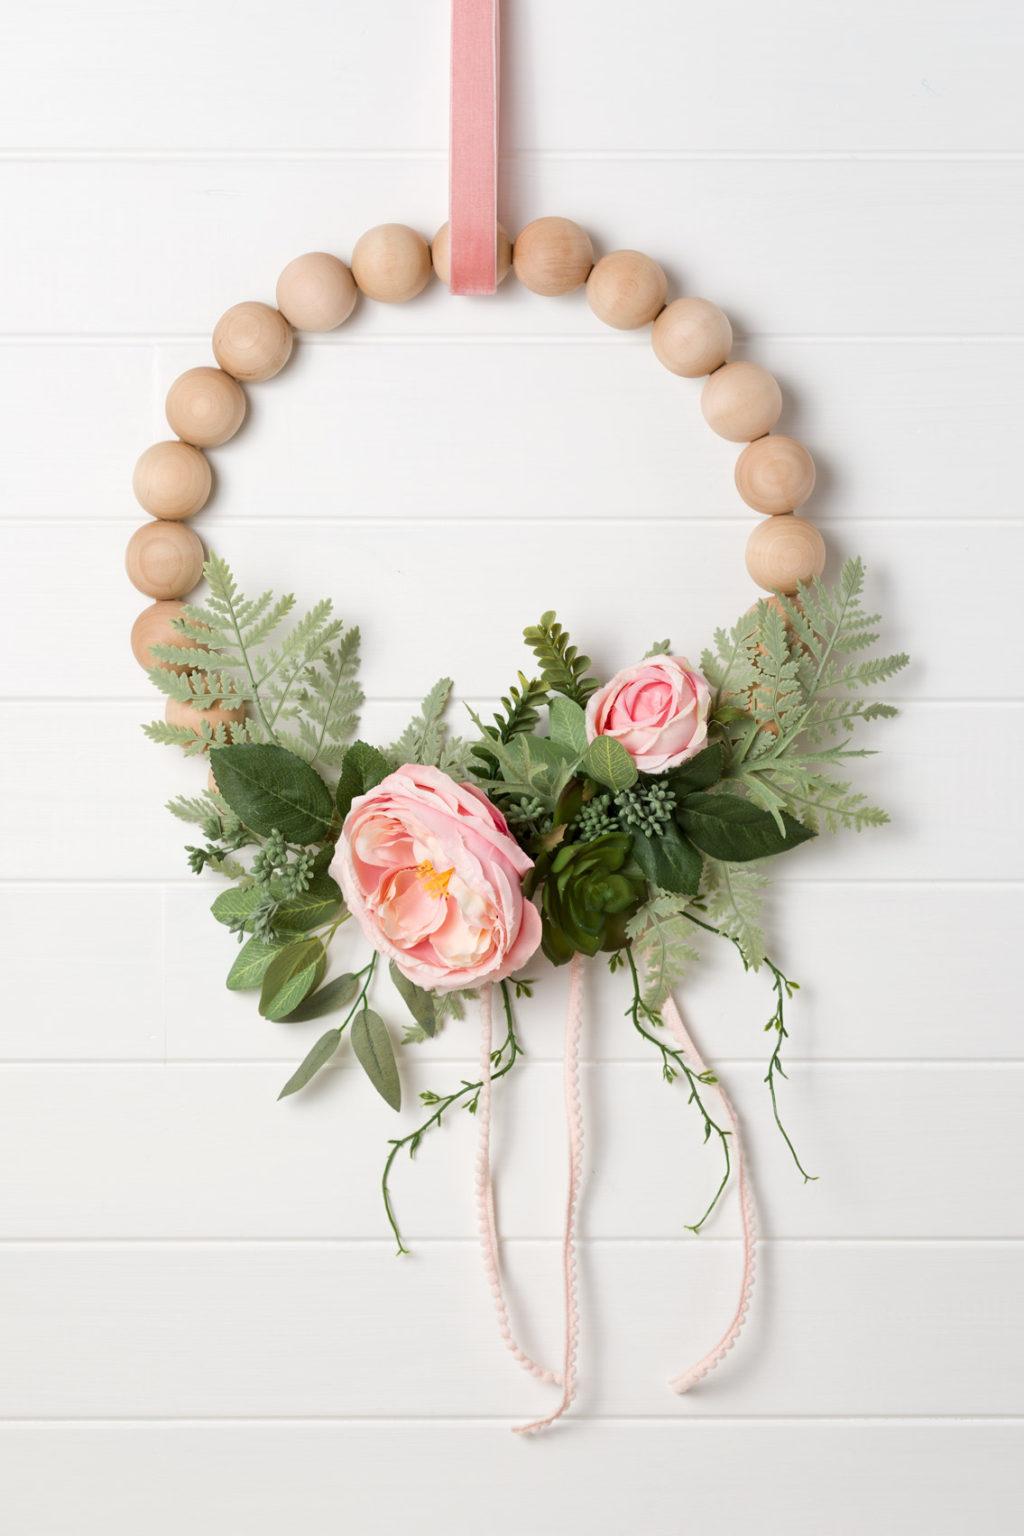 DIY Peony Wreath with Wood Beads